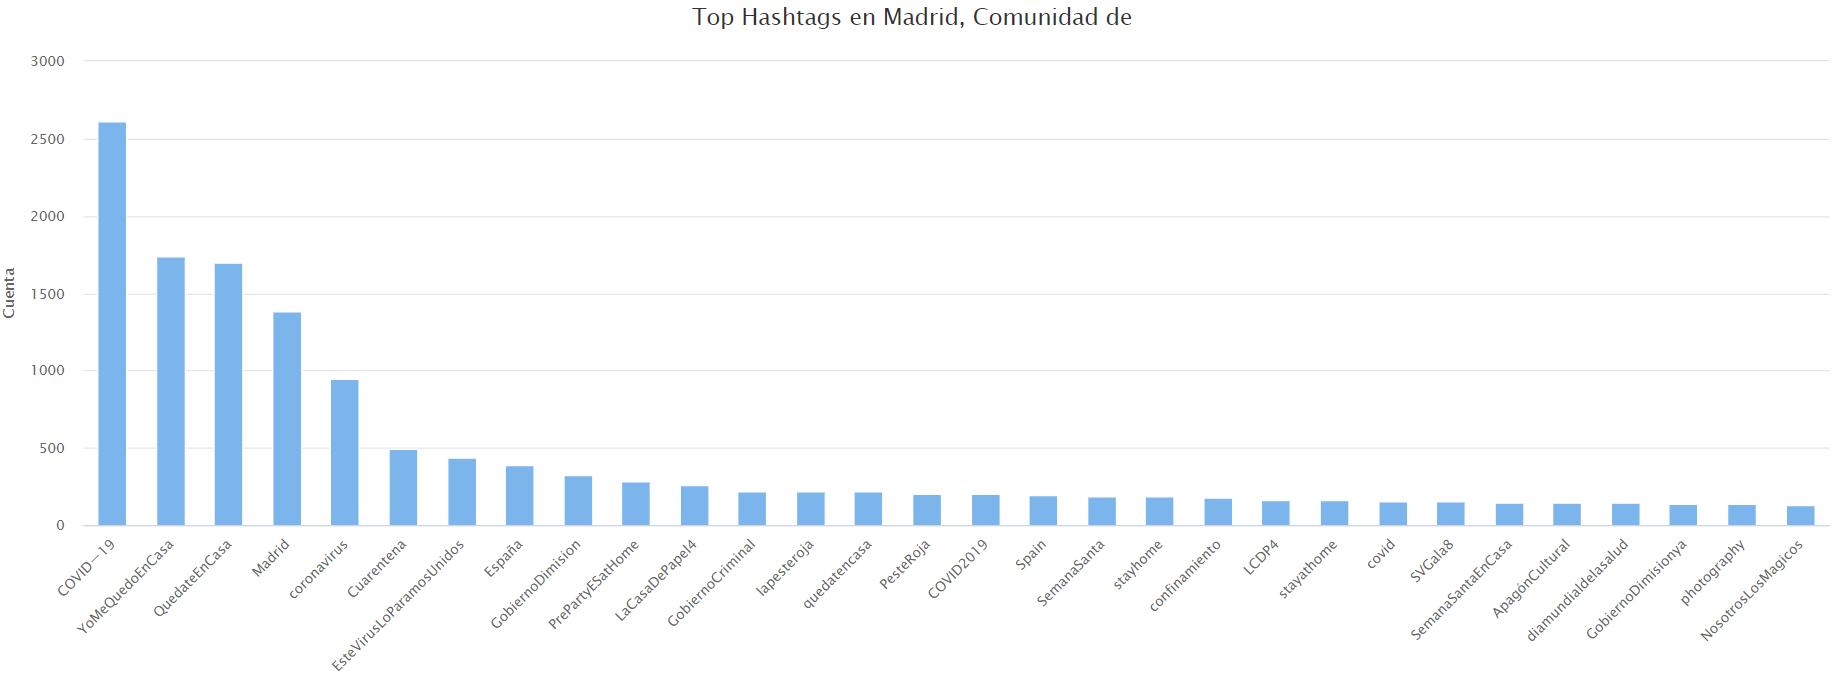 Hashtags más frecuentes en la Comunidad de Madrid